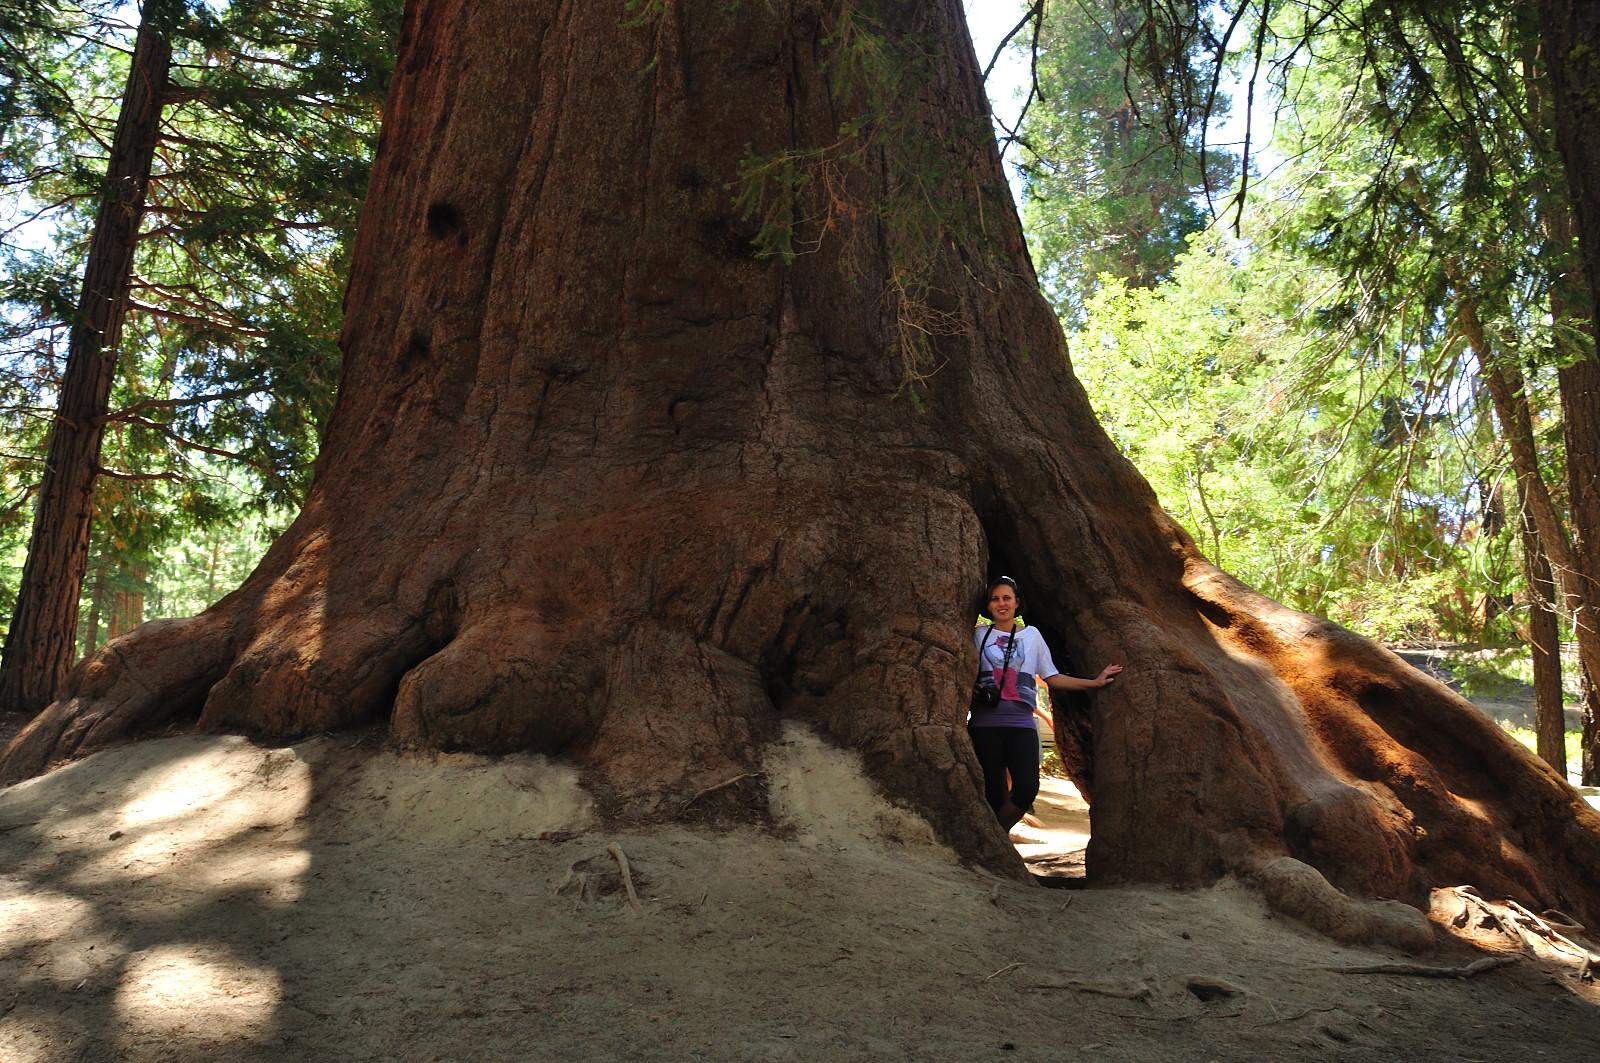 Giant Sequoia National Park2.JPG